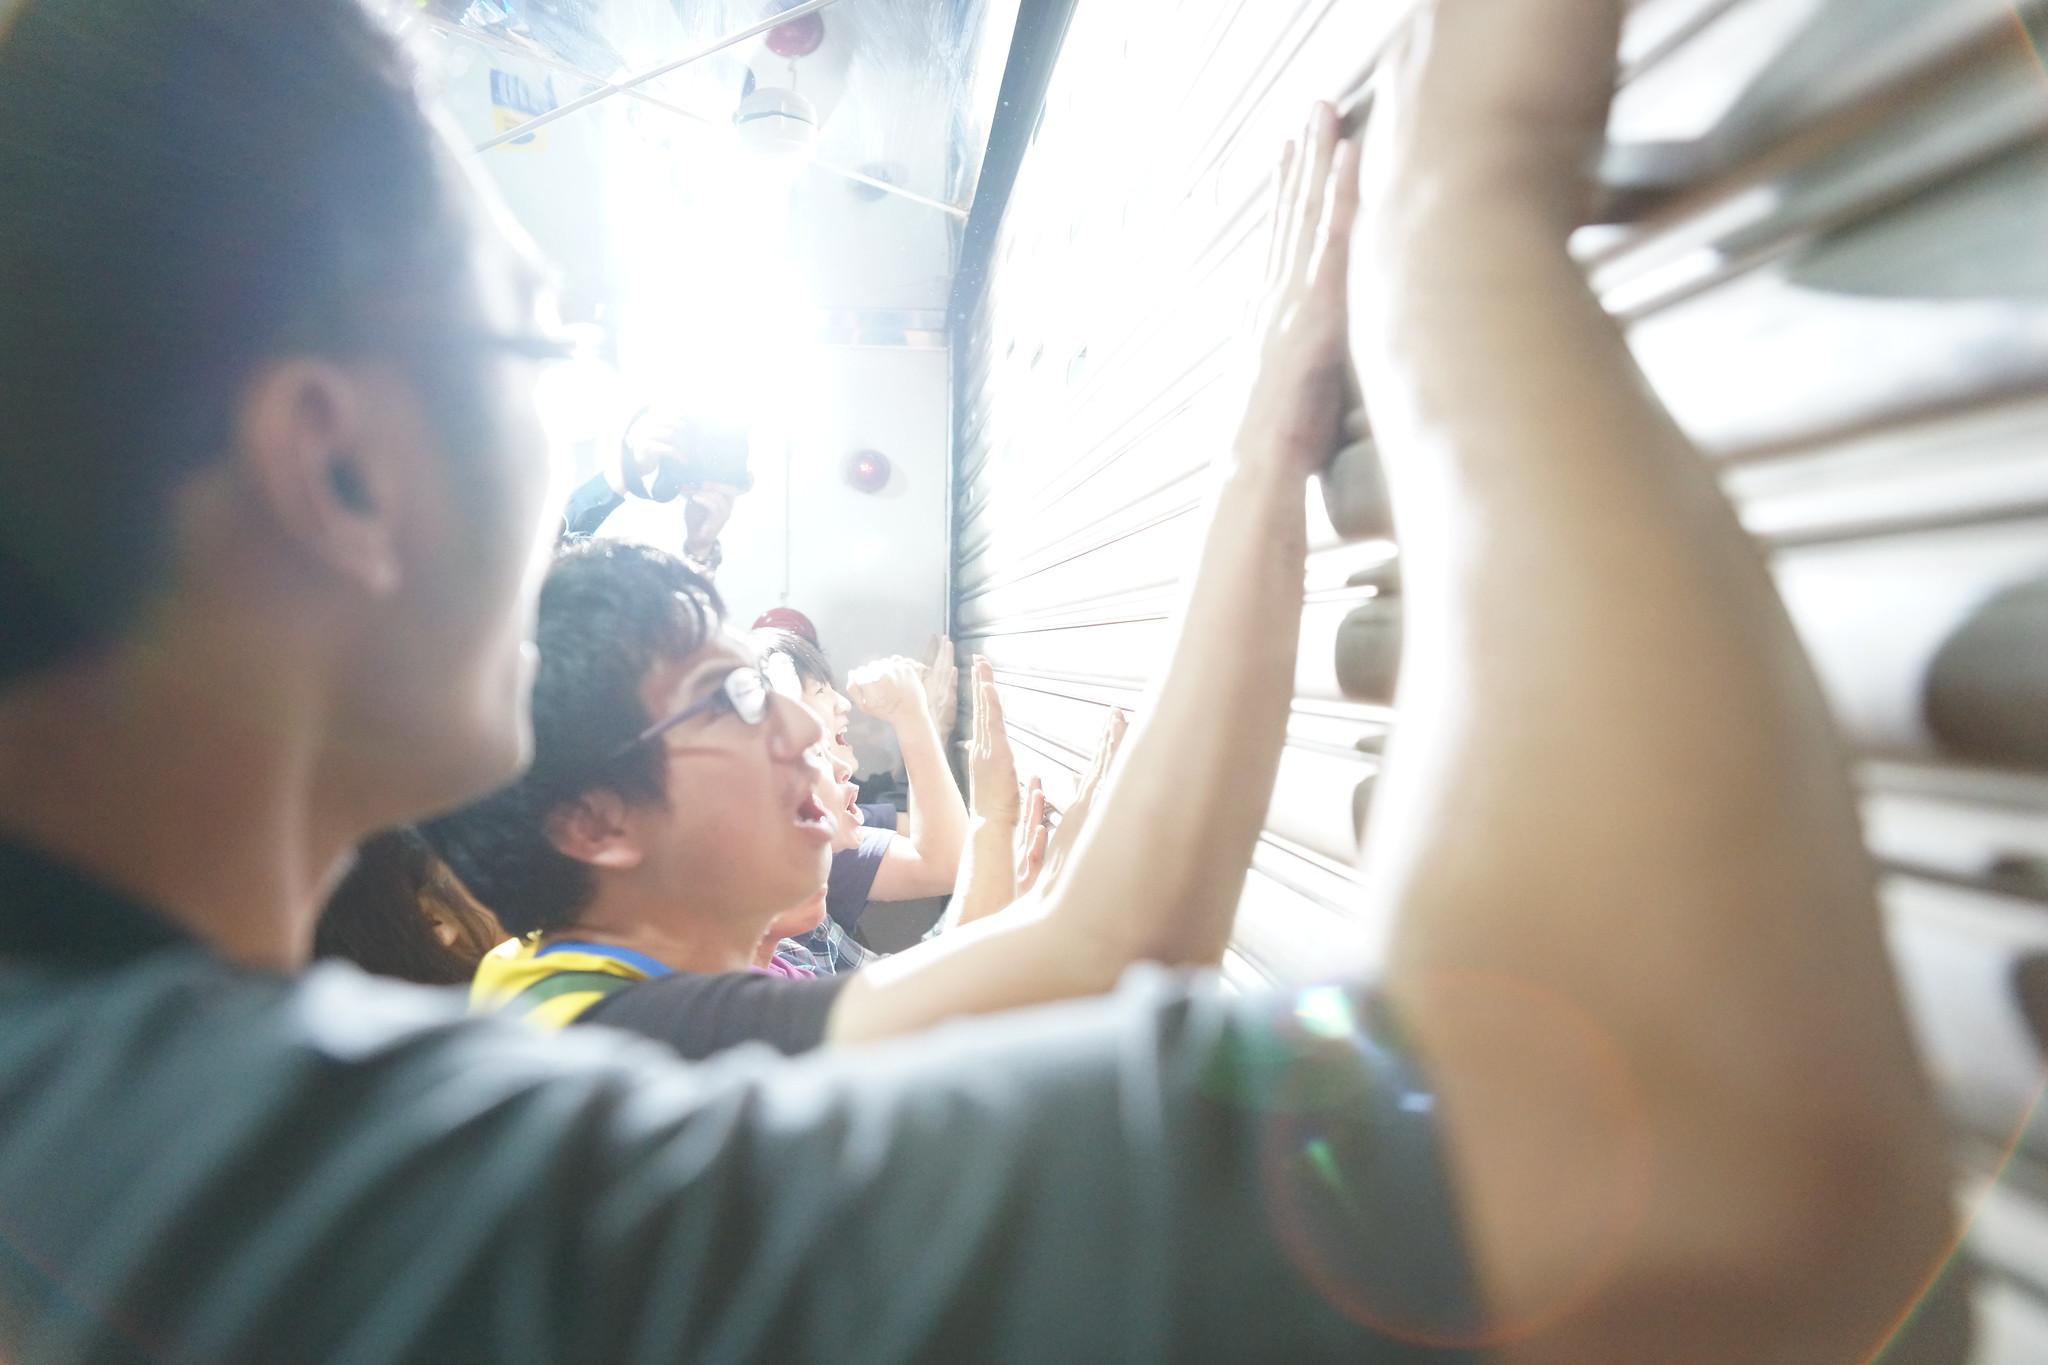 工會只能一面拍打鐵門,一面呼喊「蘇東榮出來」。(攝影:王顥中)